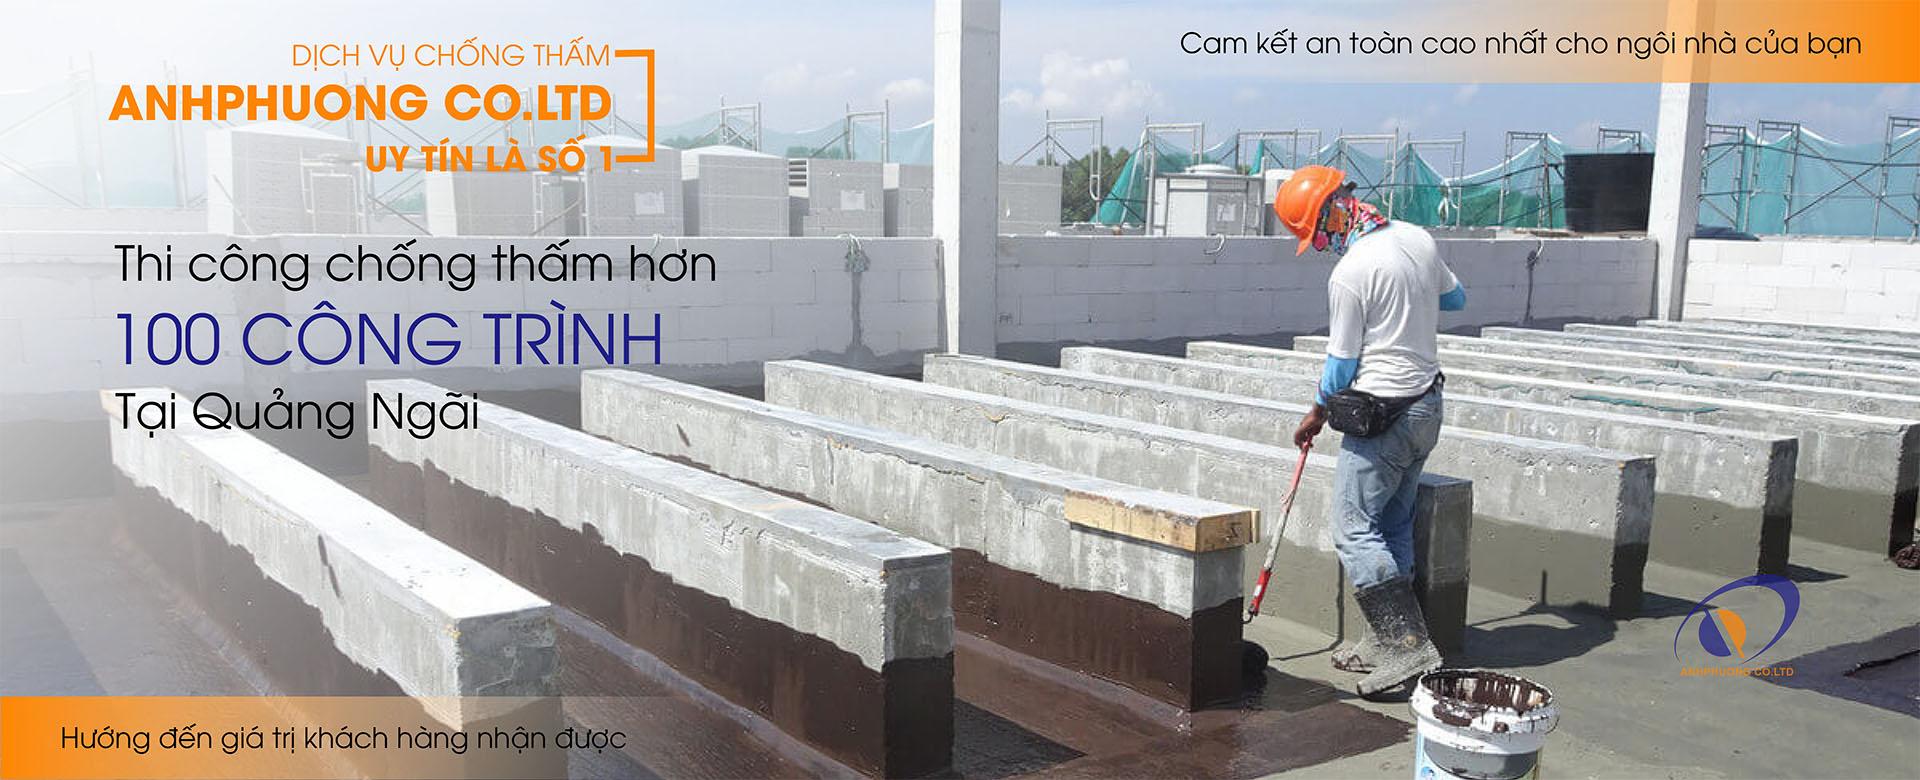 Thi công hơn 100 công trình lớn nhỏ tại Quảng Ngãi